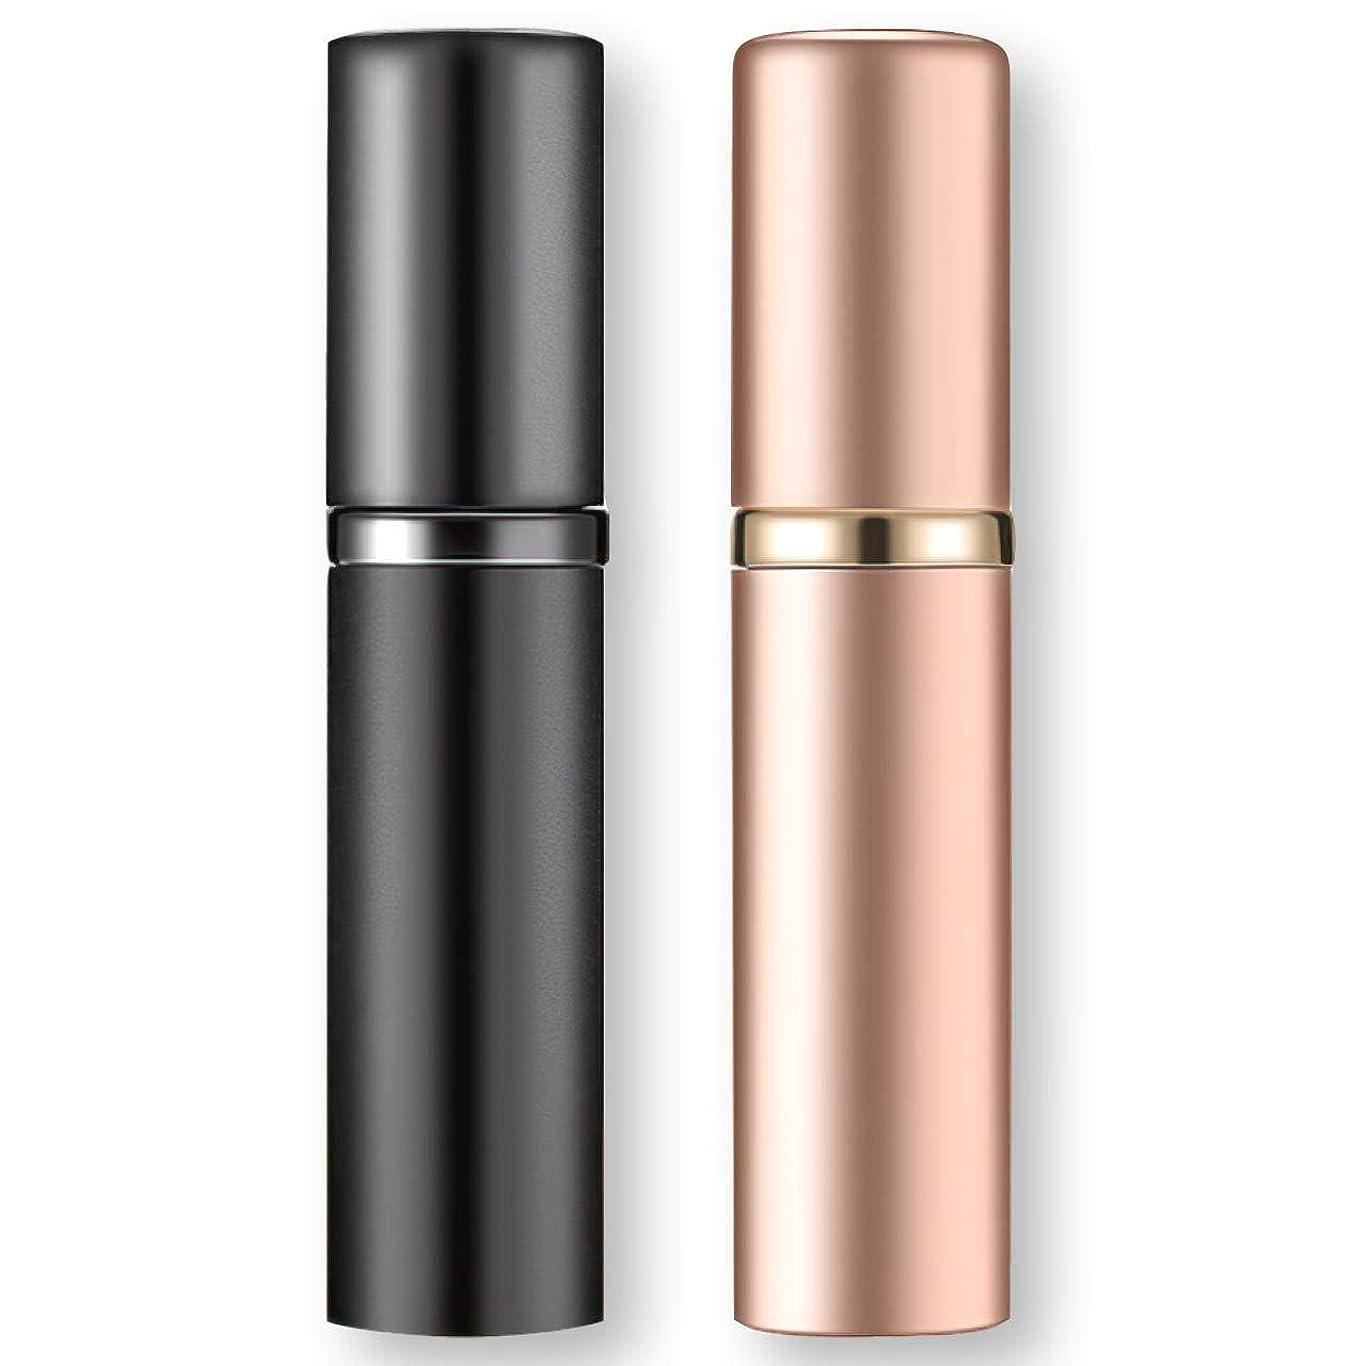 フェリモア アトマイザー 香水 詰め替え クイック補充 漏斗不要 旅行用 機内持ち込み可 2色セット